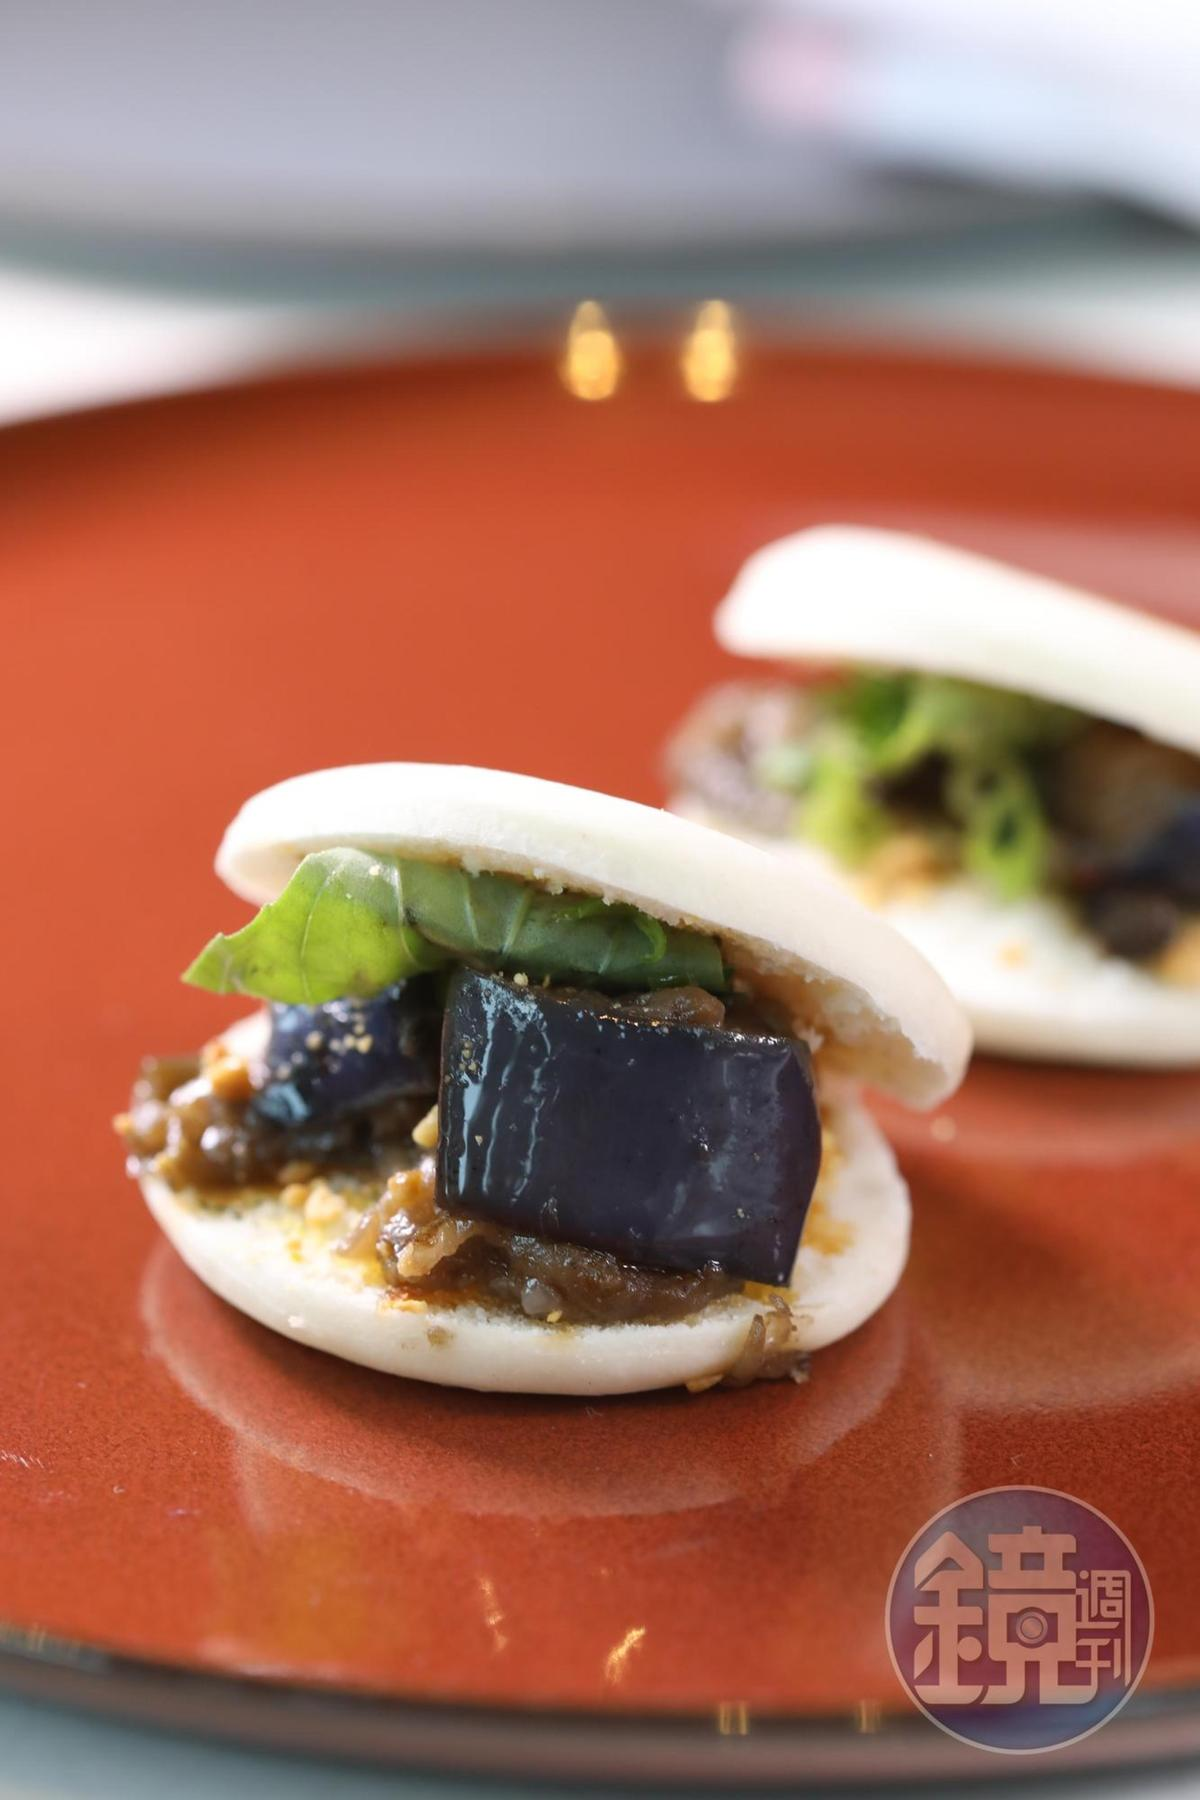 餐前小食是源自西安的「辣椒茄子肉夾饃」,杜卡斯改了些調味,可以說是他的中國印象。